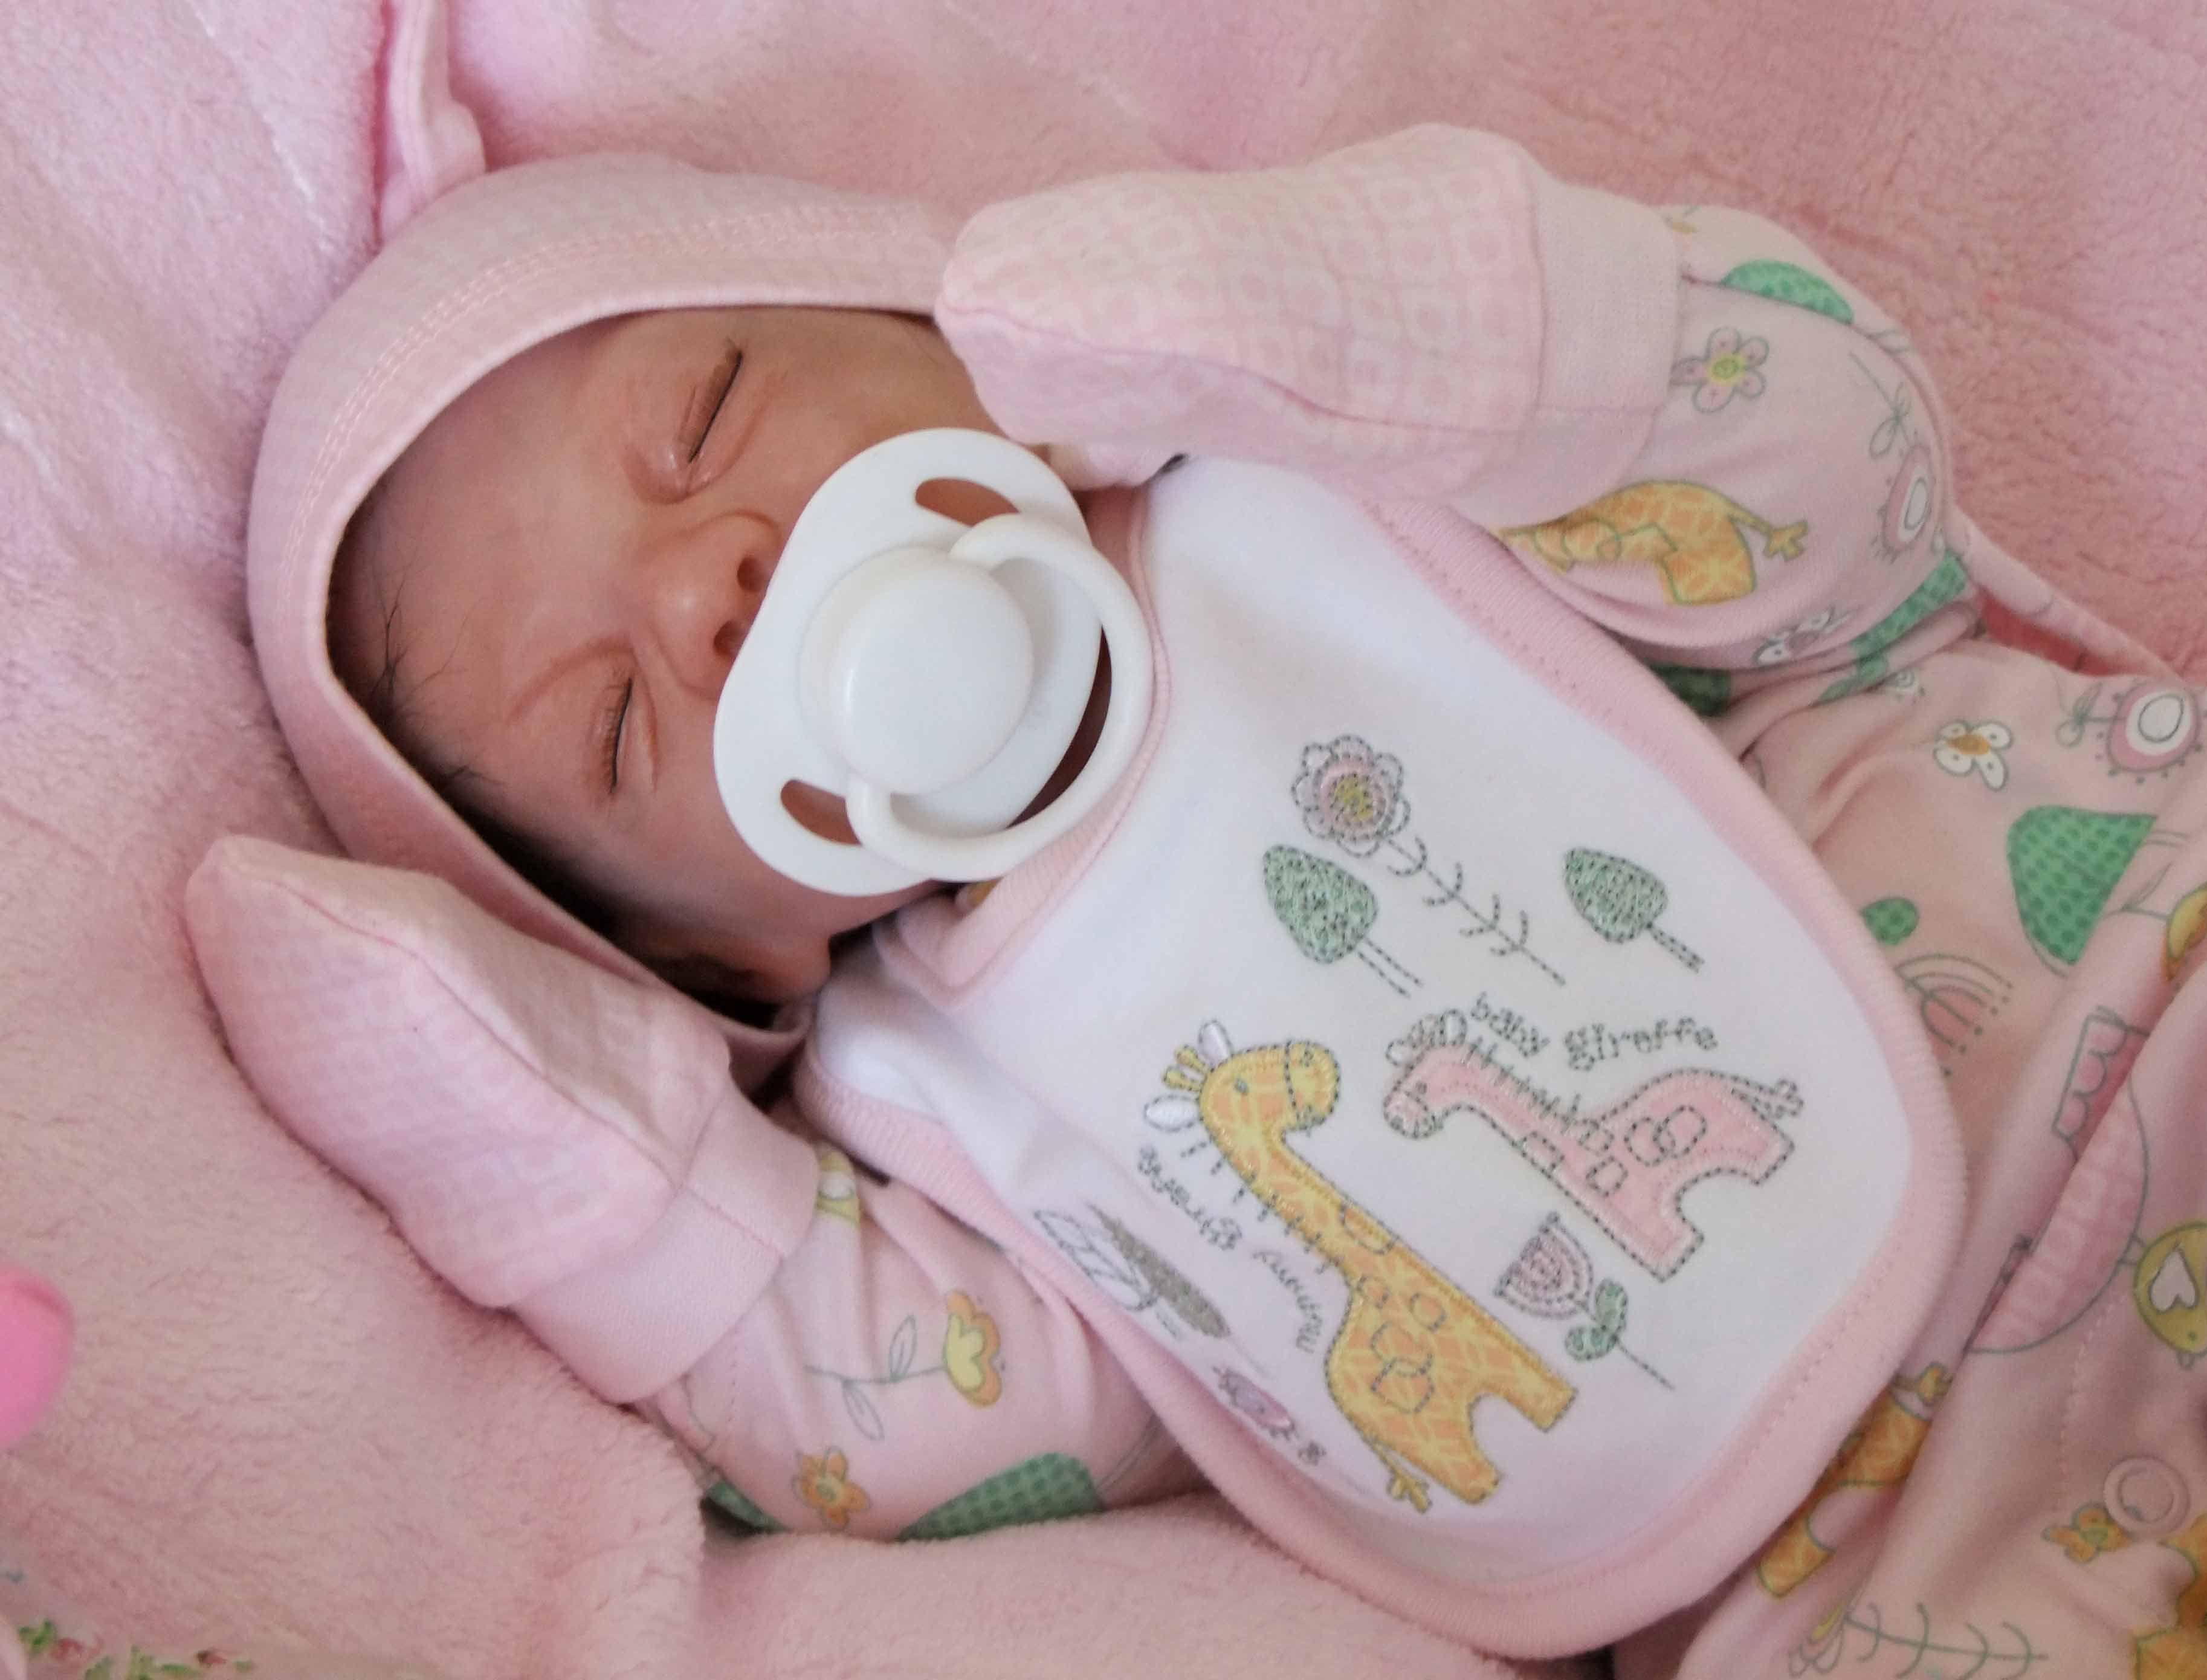 Reborn Premature Baby Rhianna Helen's Reborn Baby Dolls